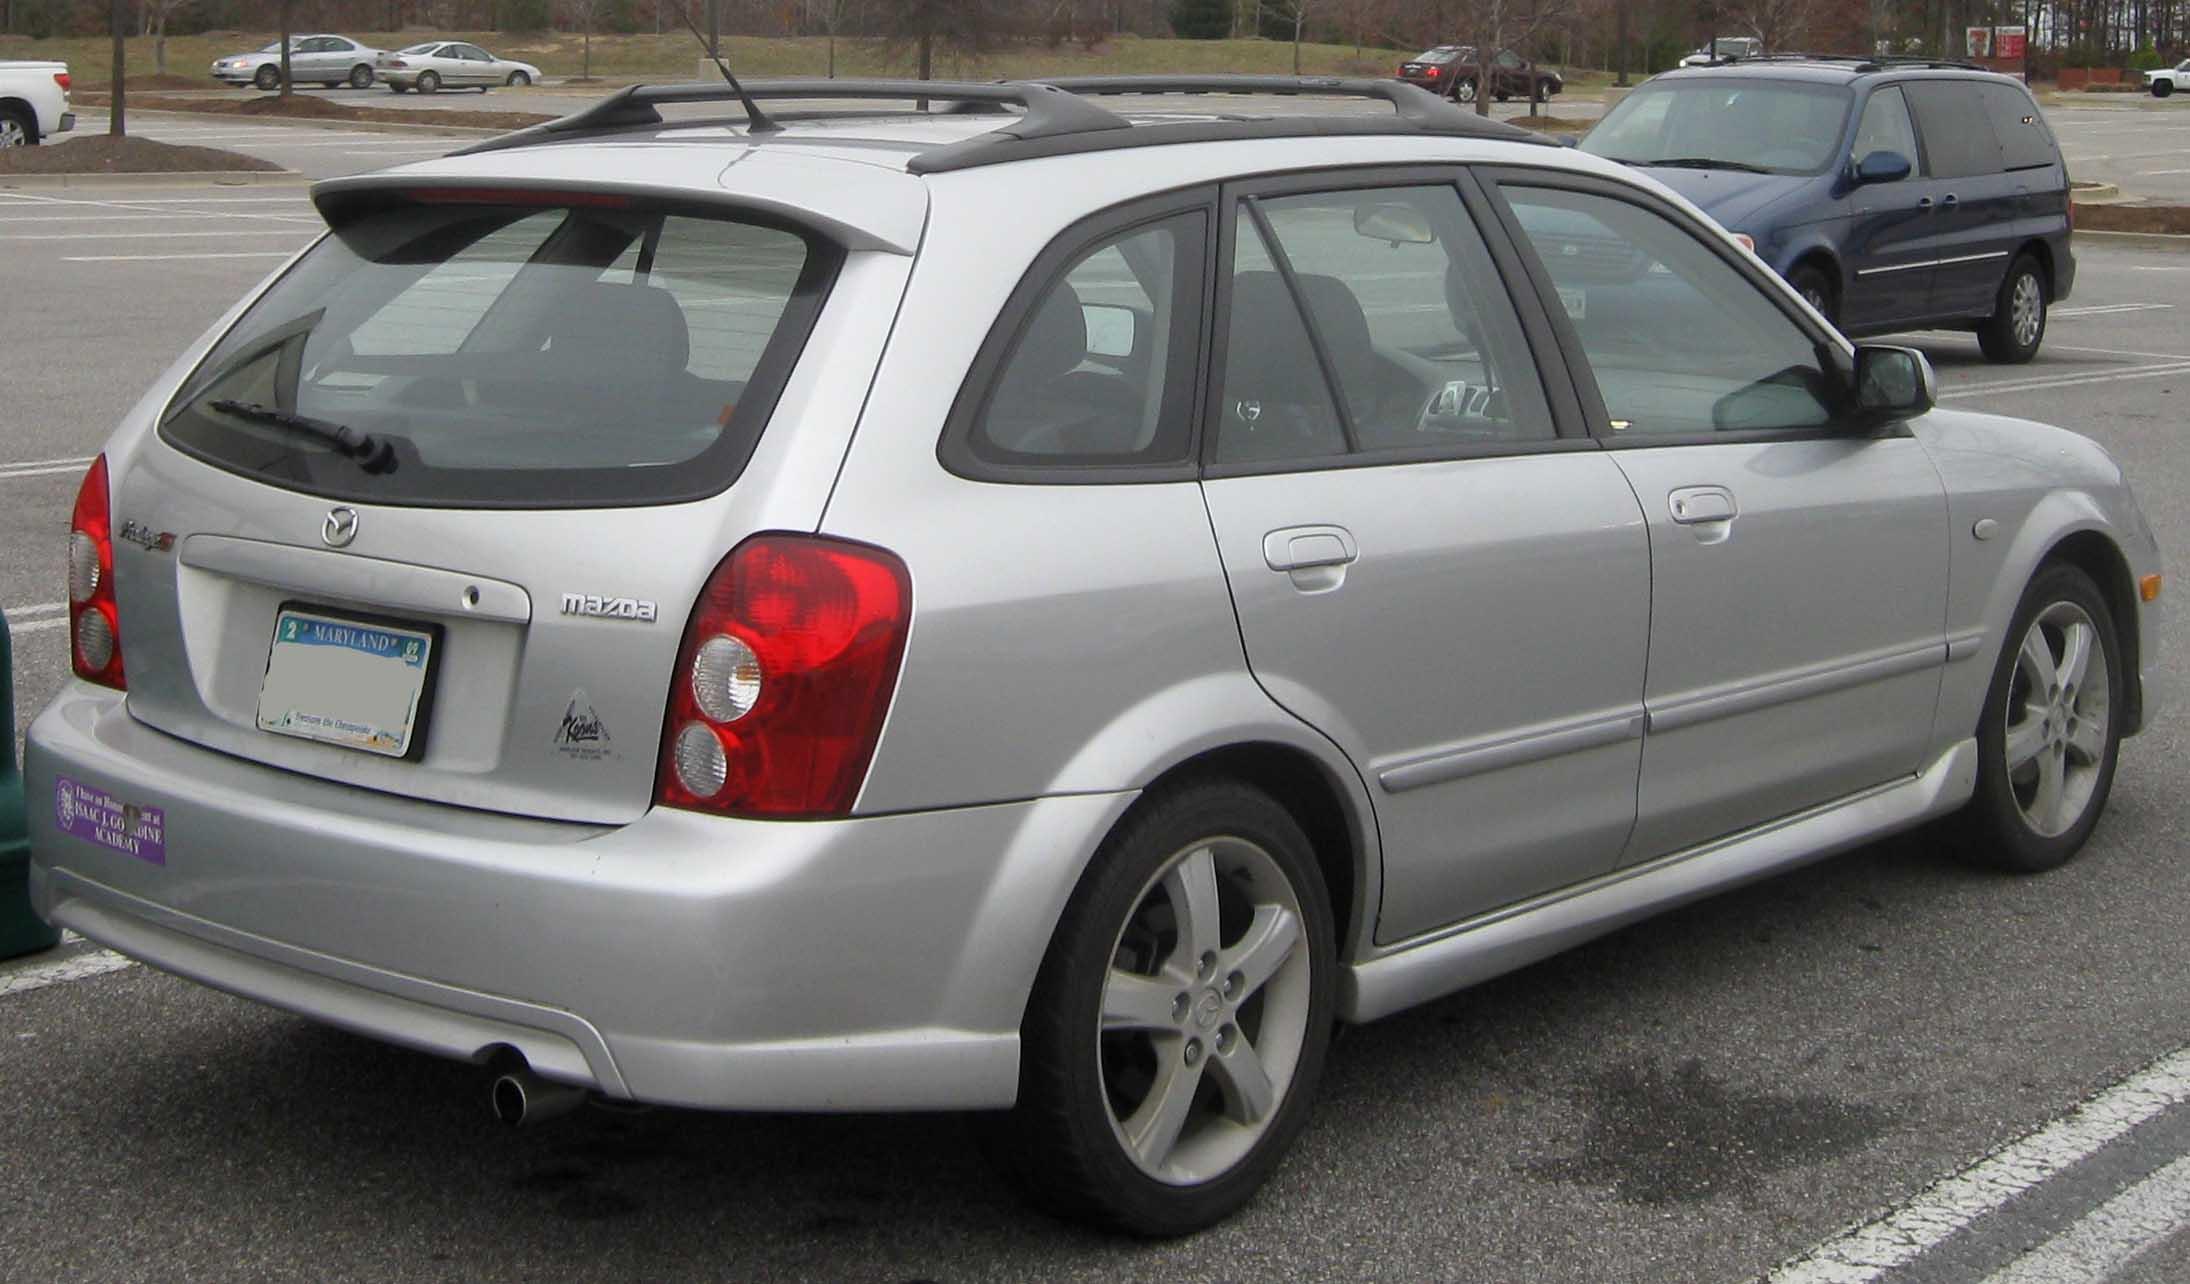 File:Mazda Protege5 .jpg